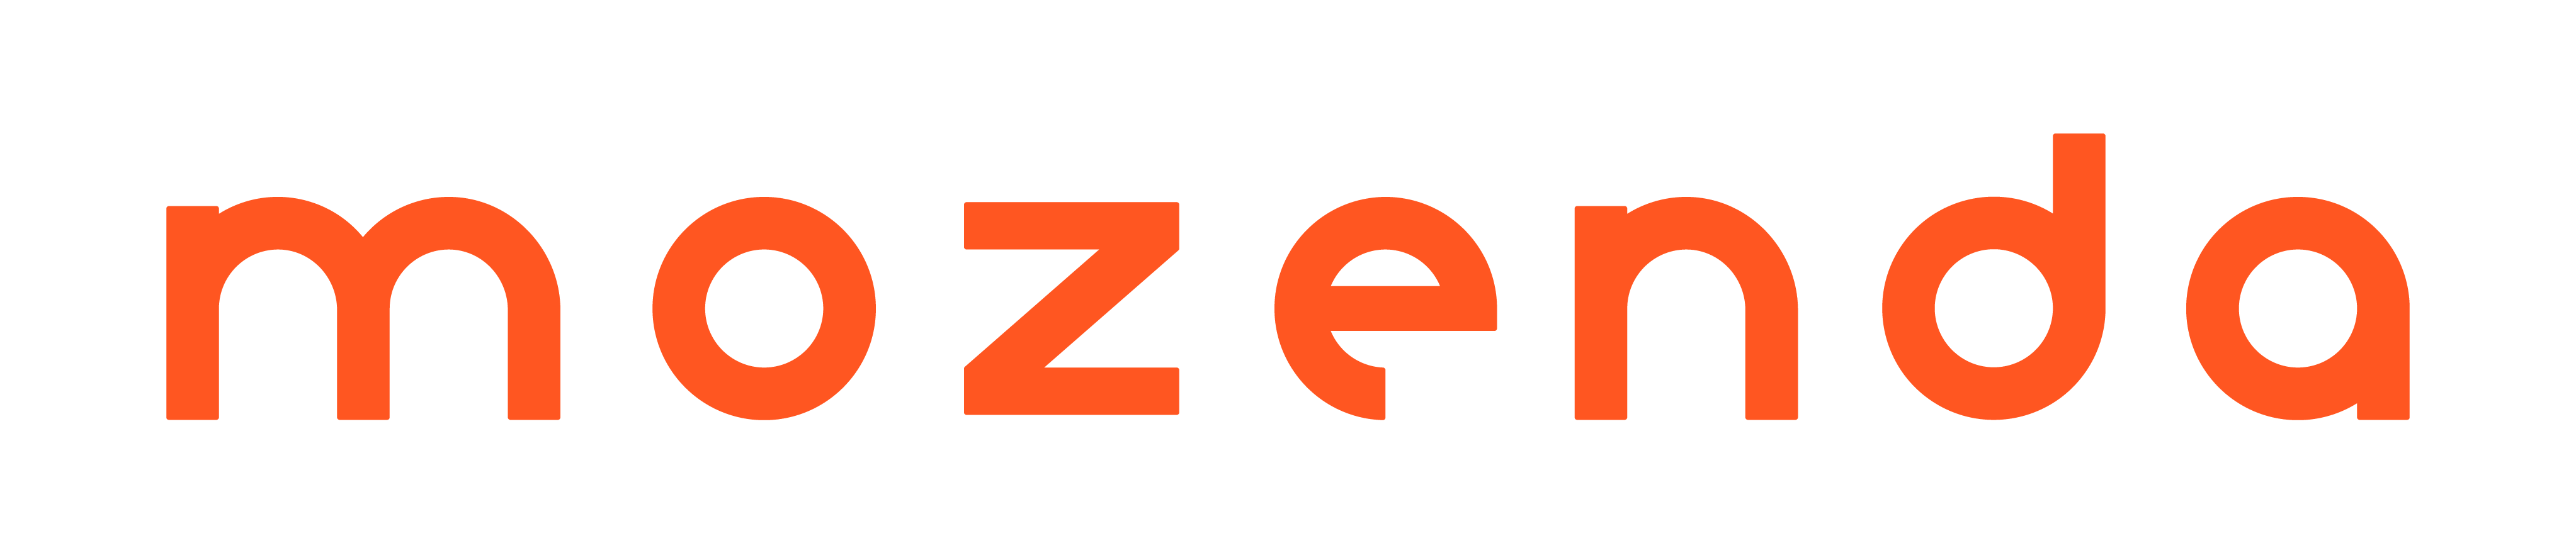 mozenda